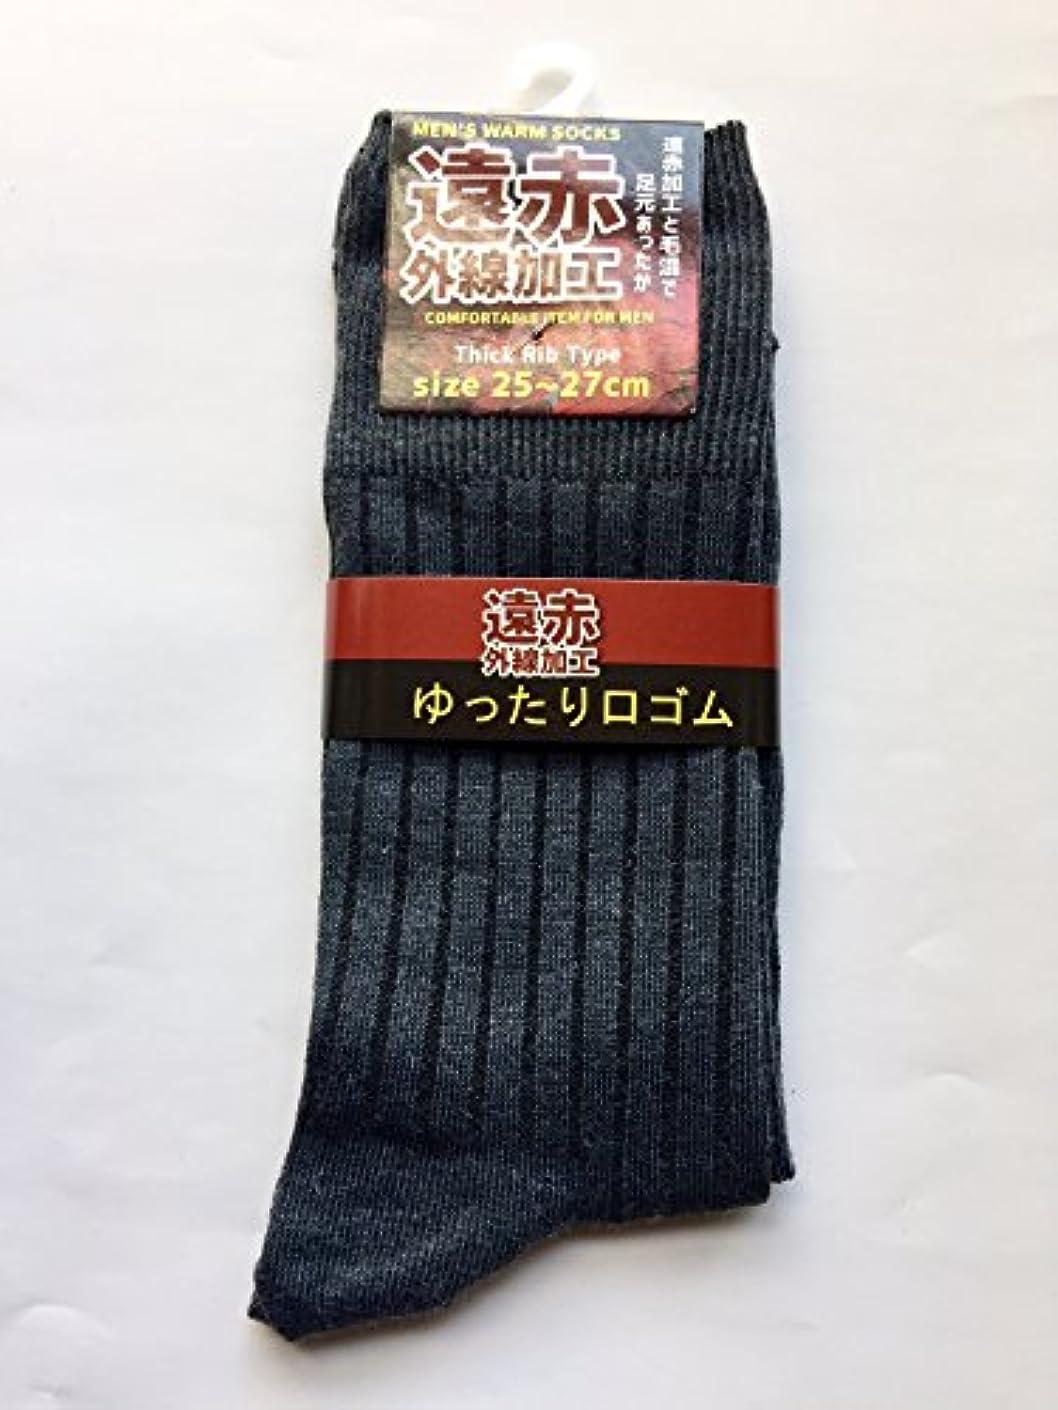 たとえチップ漏斗靴下 あったか メンズ 毛混 遠赤外線加工 25-27cm チャコール お買得4足組